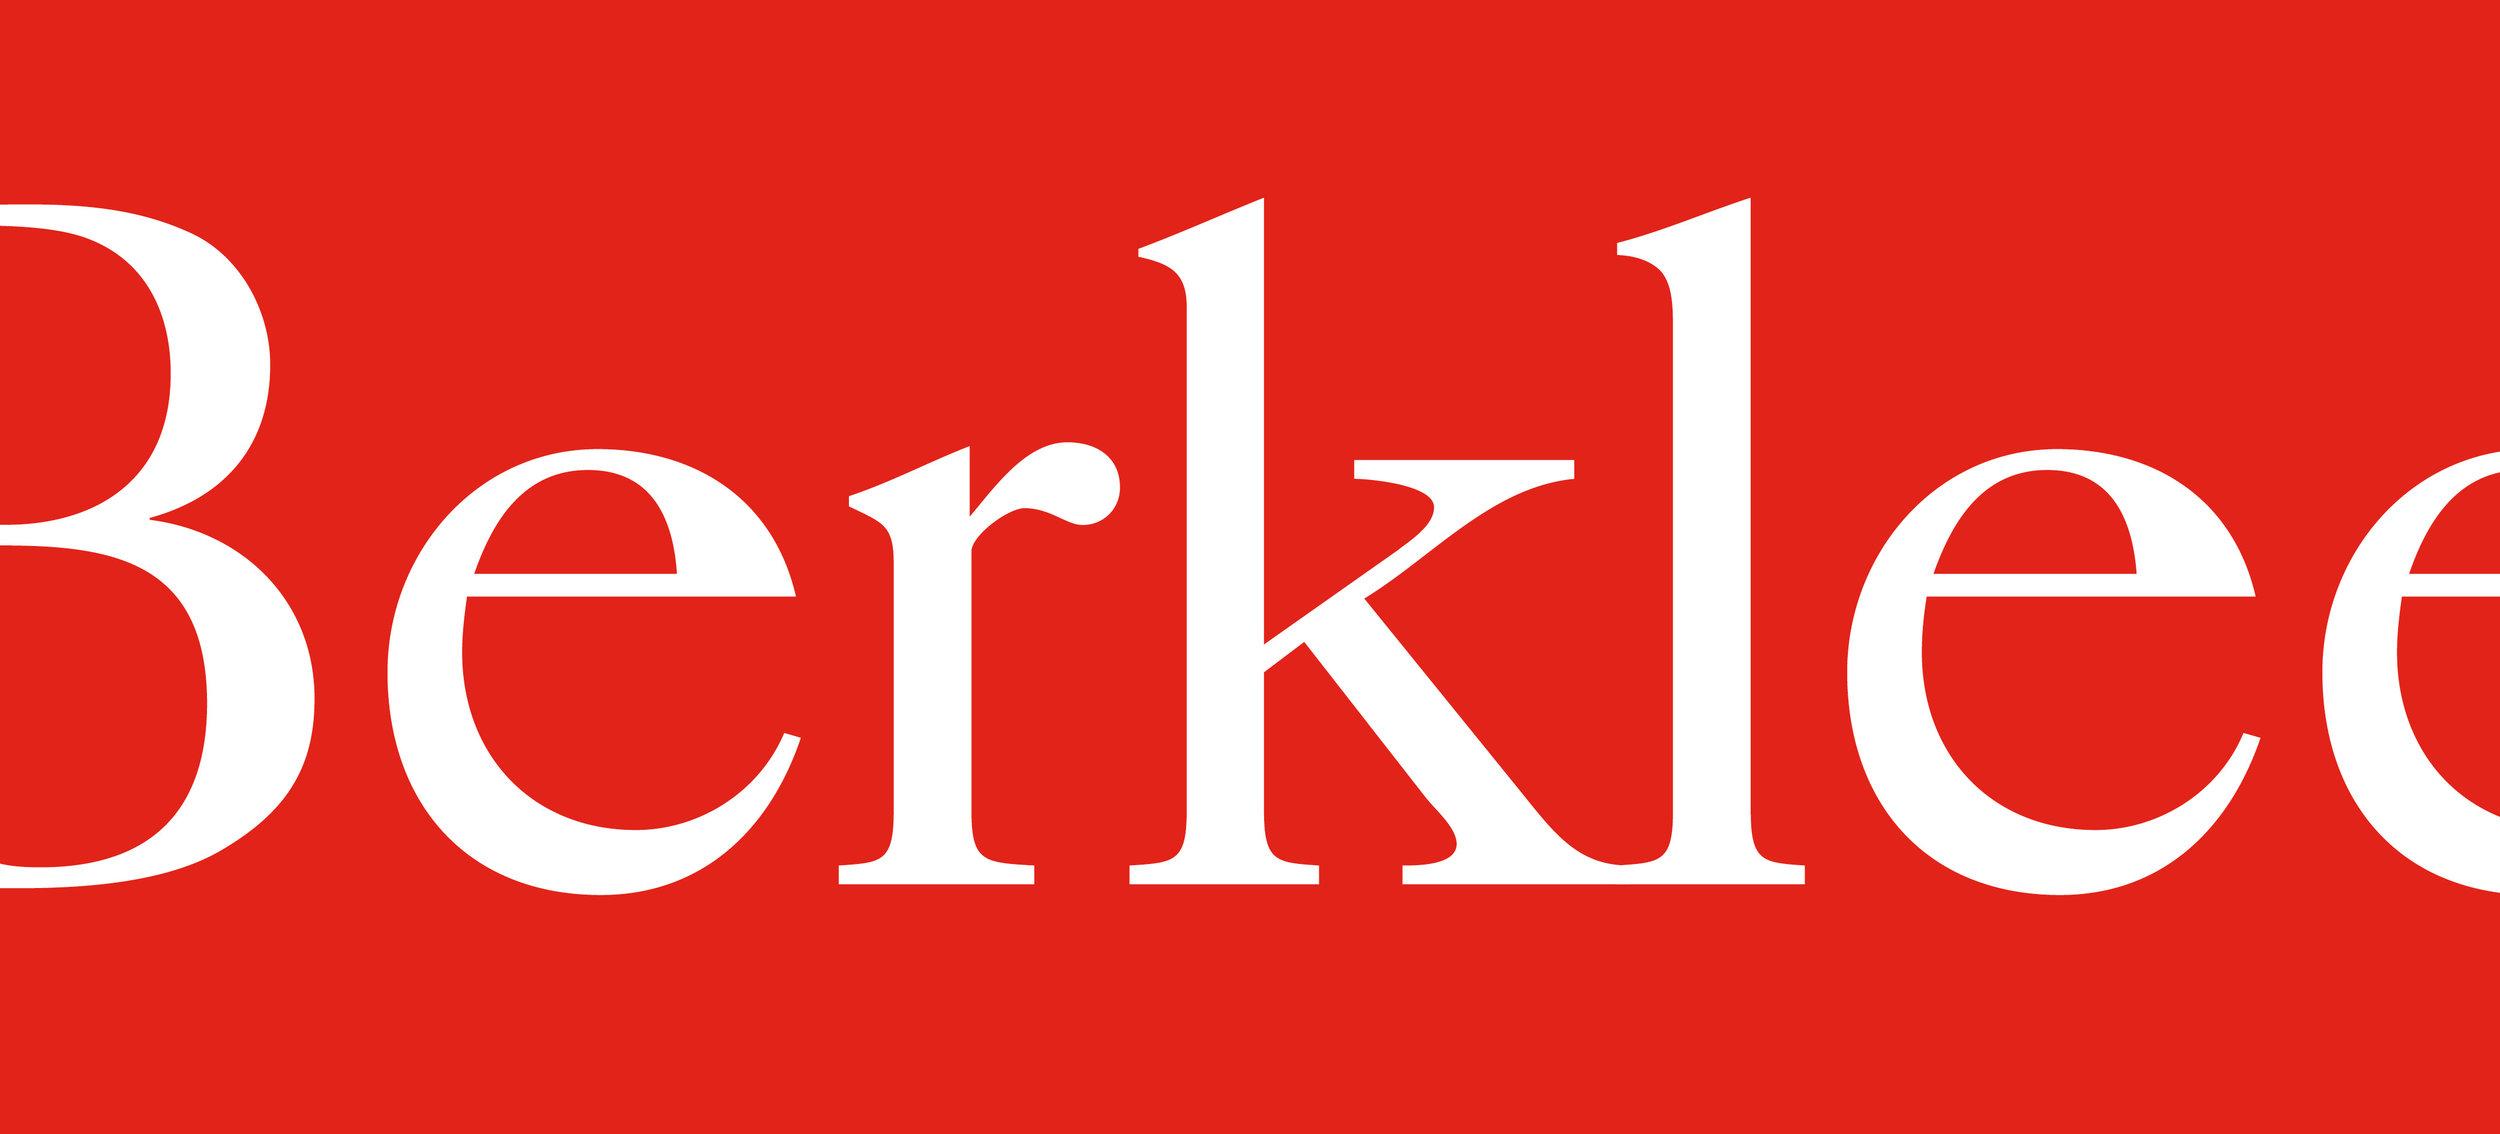 Berklee New Frames.jpg